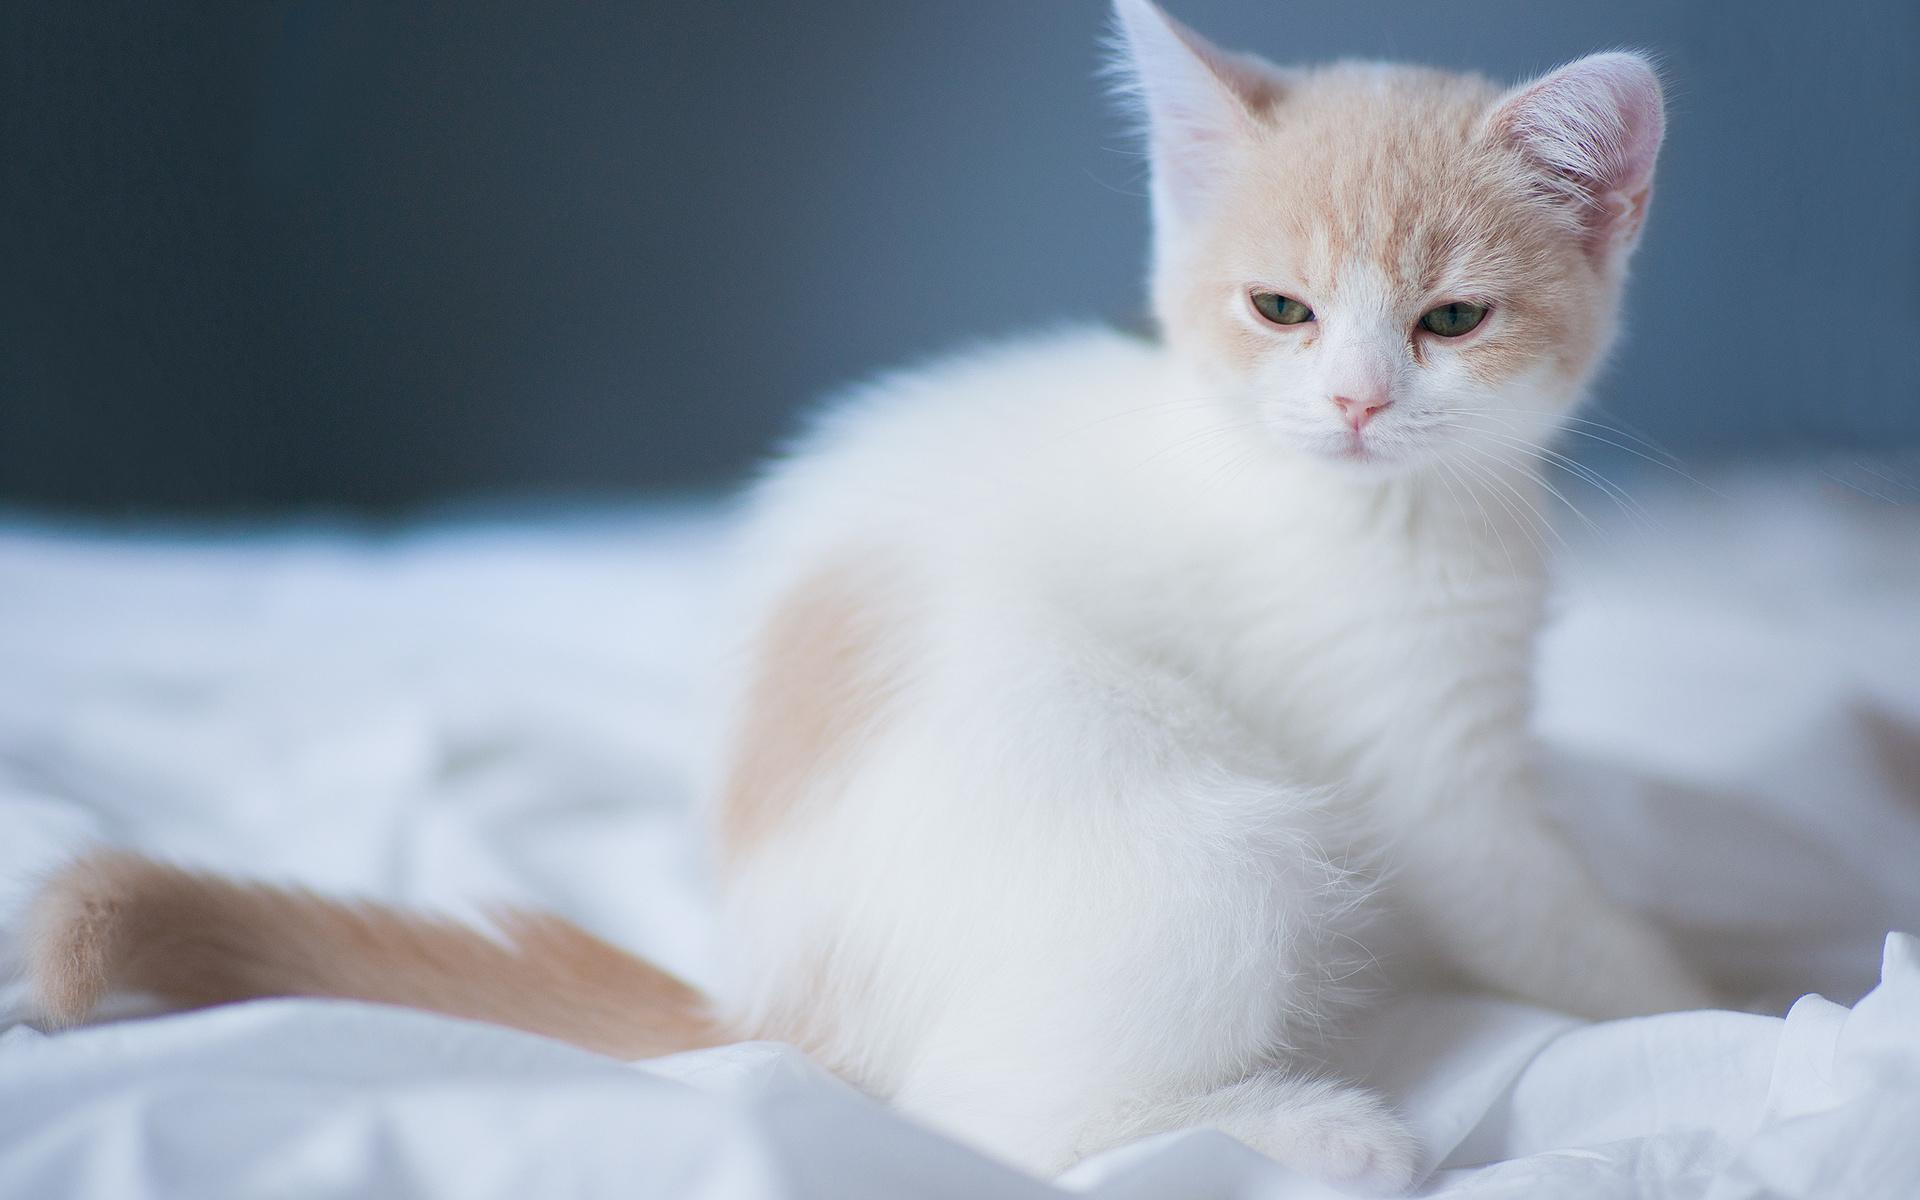 картинки светлых котят образом обеспечивается